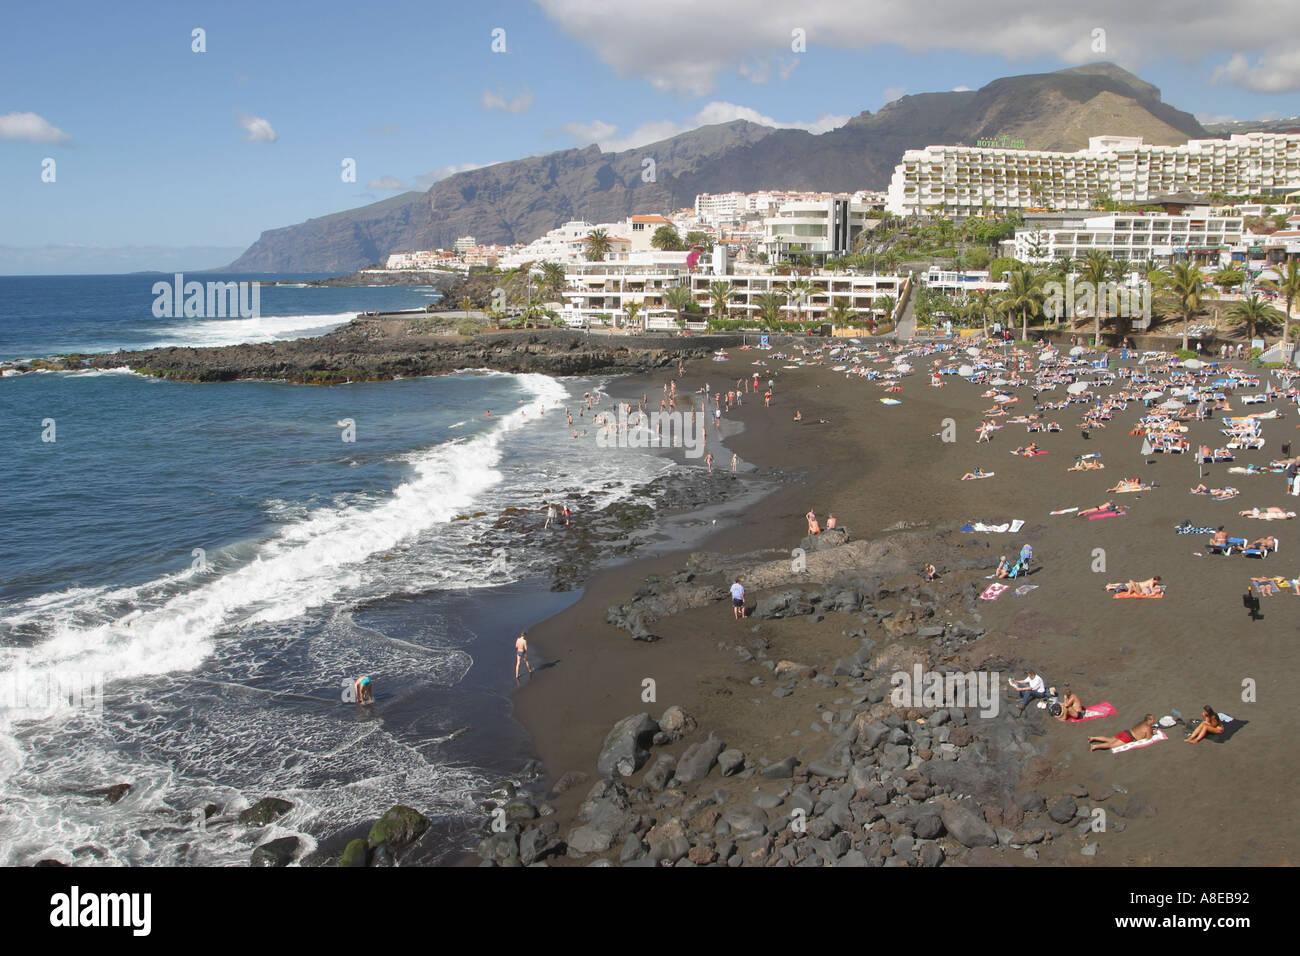 Playa de la arena puerto stock photos playa de la arena puerto stock images alamy - Puerto santiago tenerife mapa ...